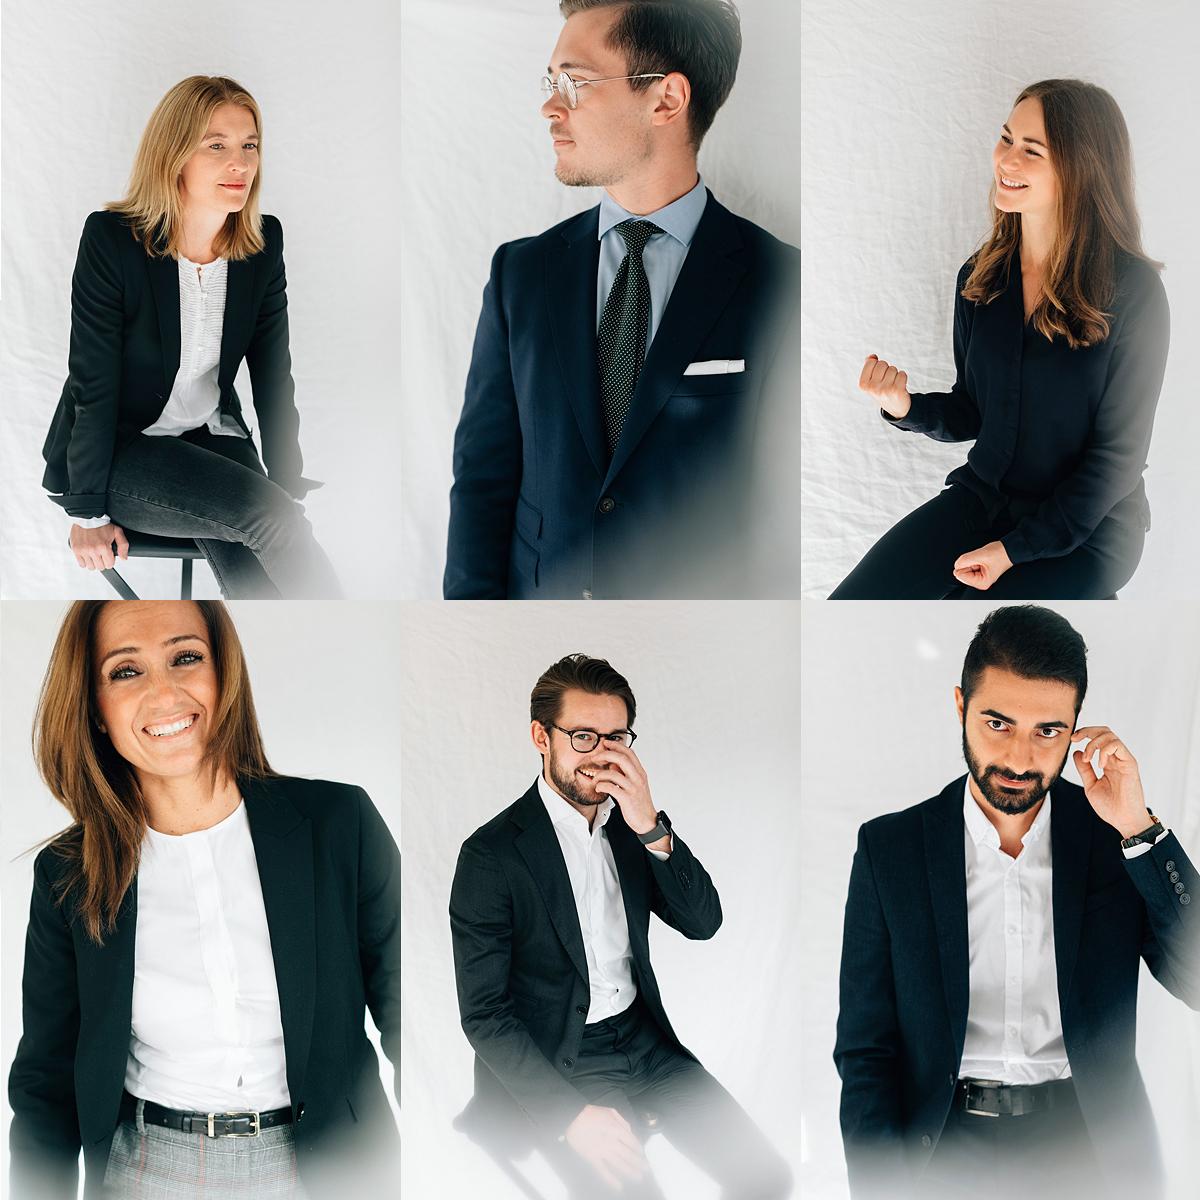 Influence - Om bolaget: Influence är ett nytänkande konsultbolag. Vi är genuint intresserade av människor och problemlösning. Och att utveckla verksamheters prestationsförmåga med kollektiv intelligens.Mitt uppdrag: Personliga men professionella bilder på 100-tals anställda utan att man får känslan av opersonliga porträtt.